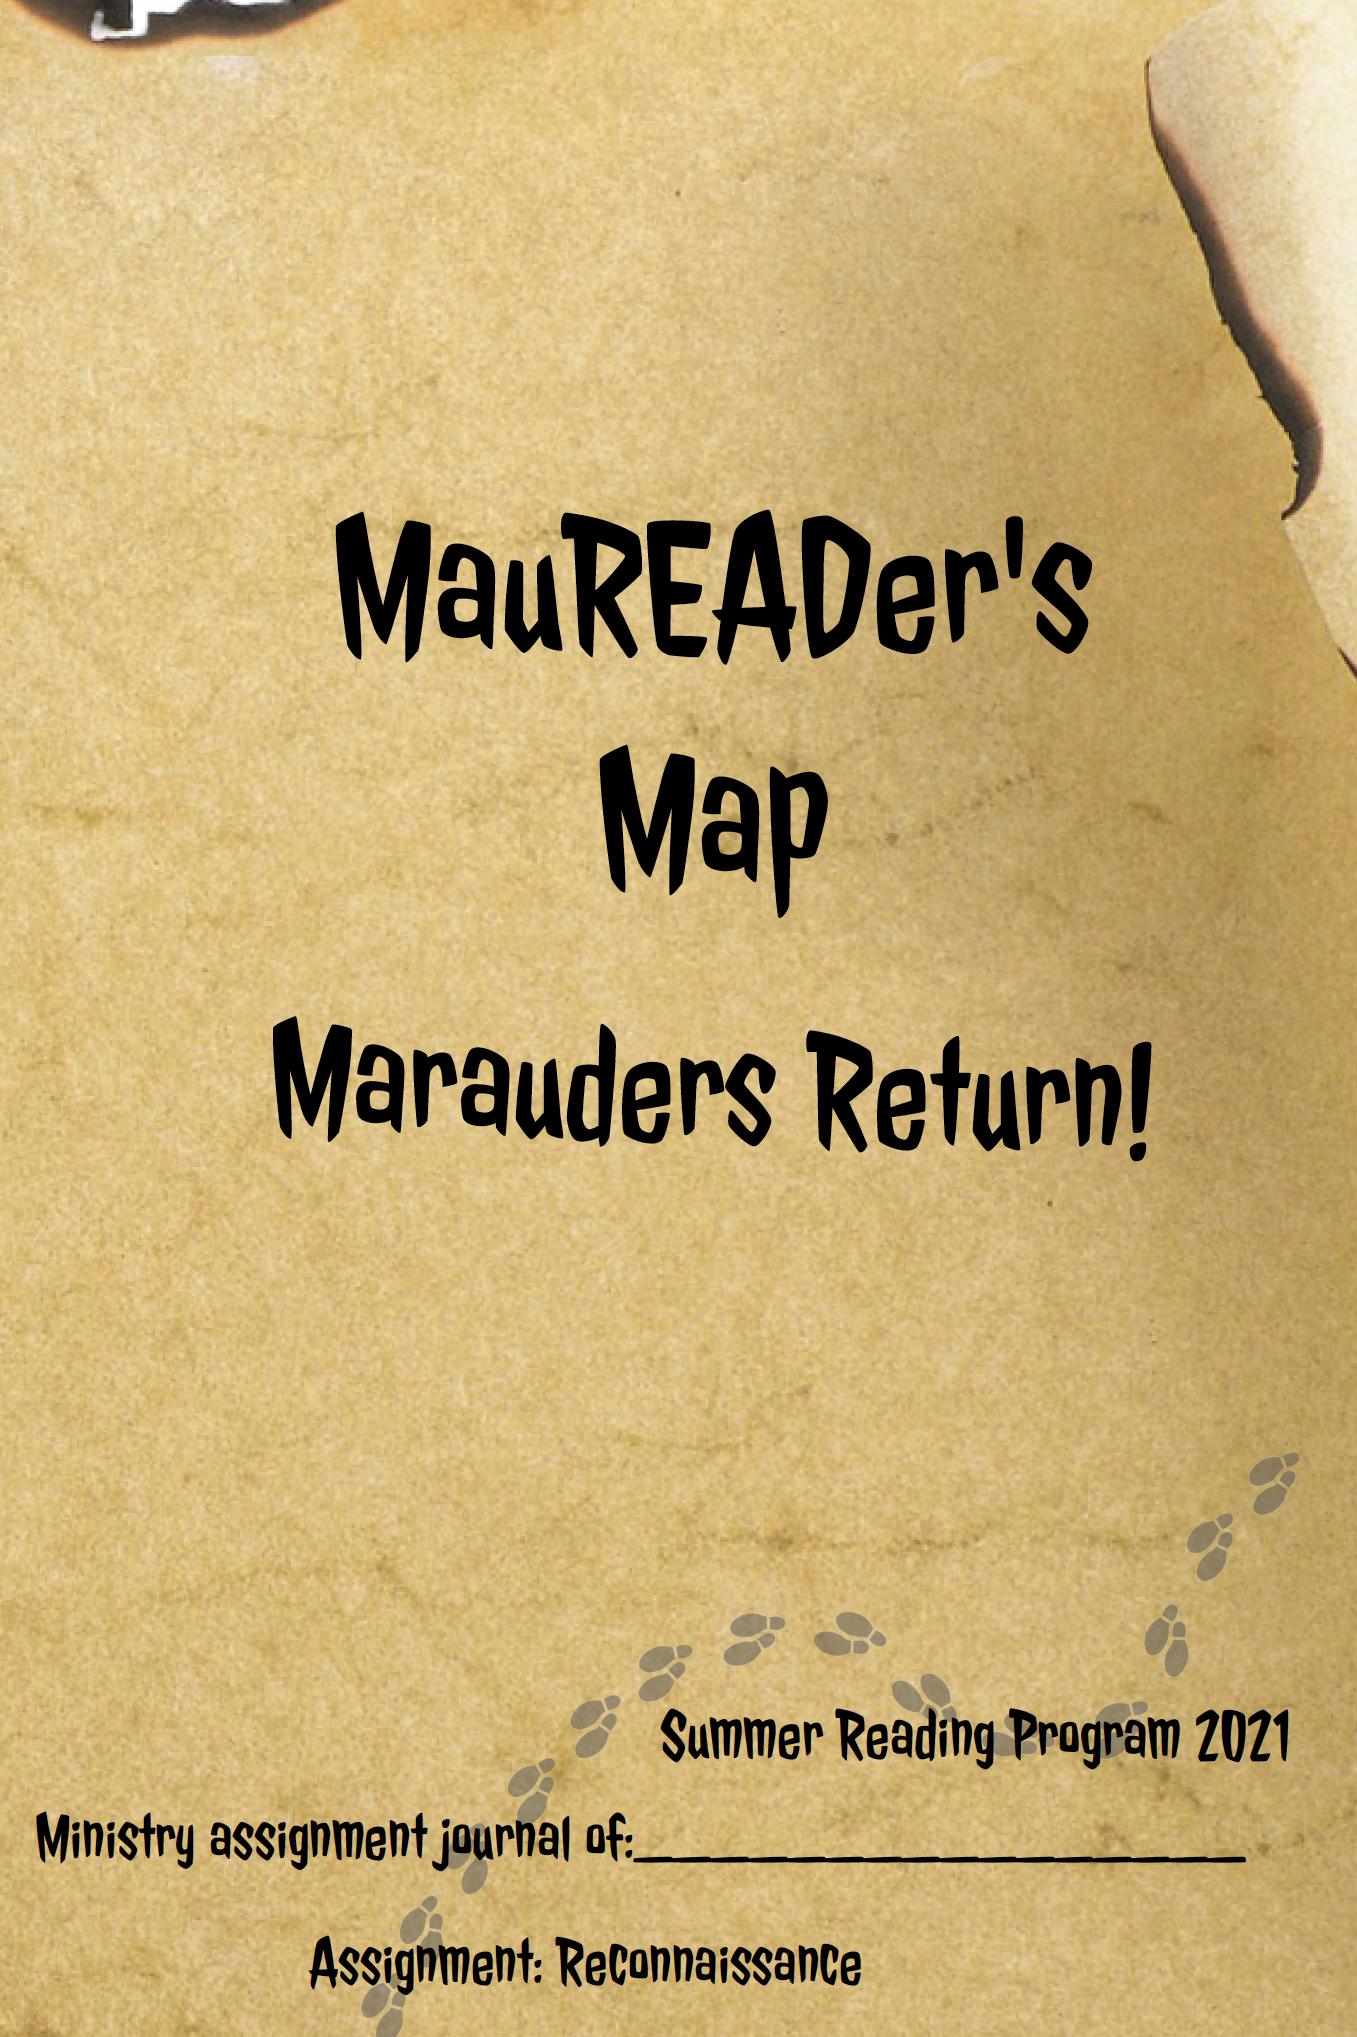 Maureader's Map Mission Booklets